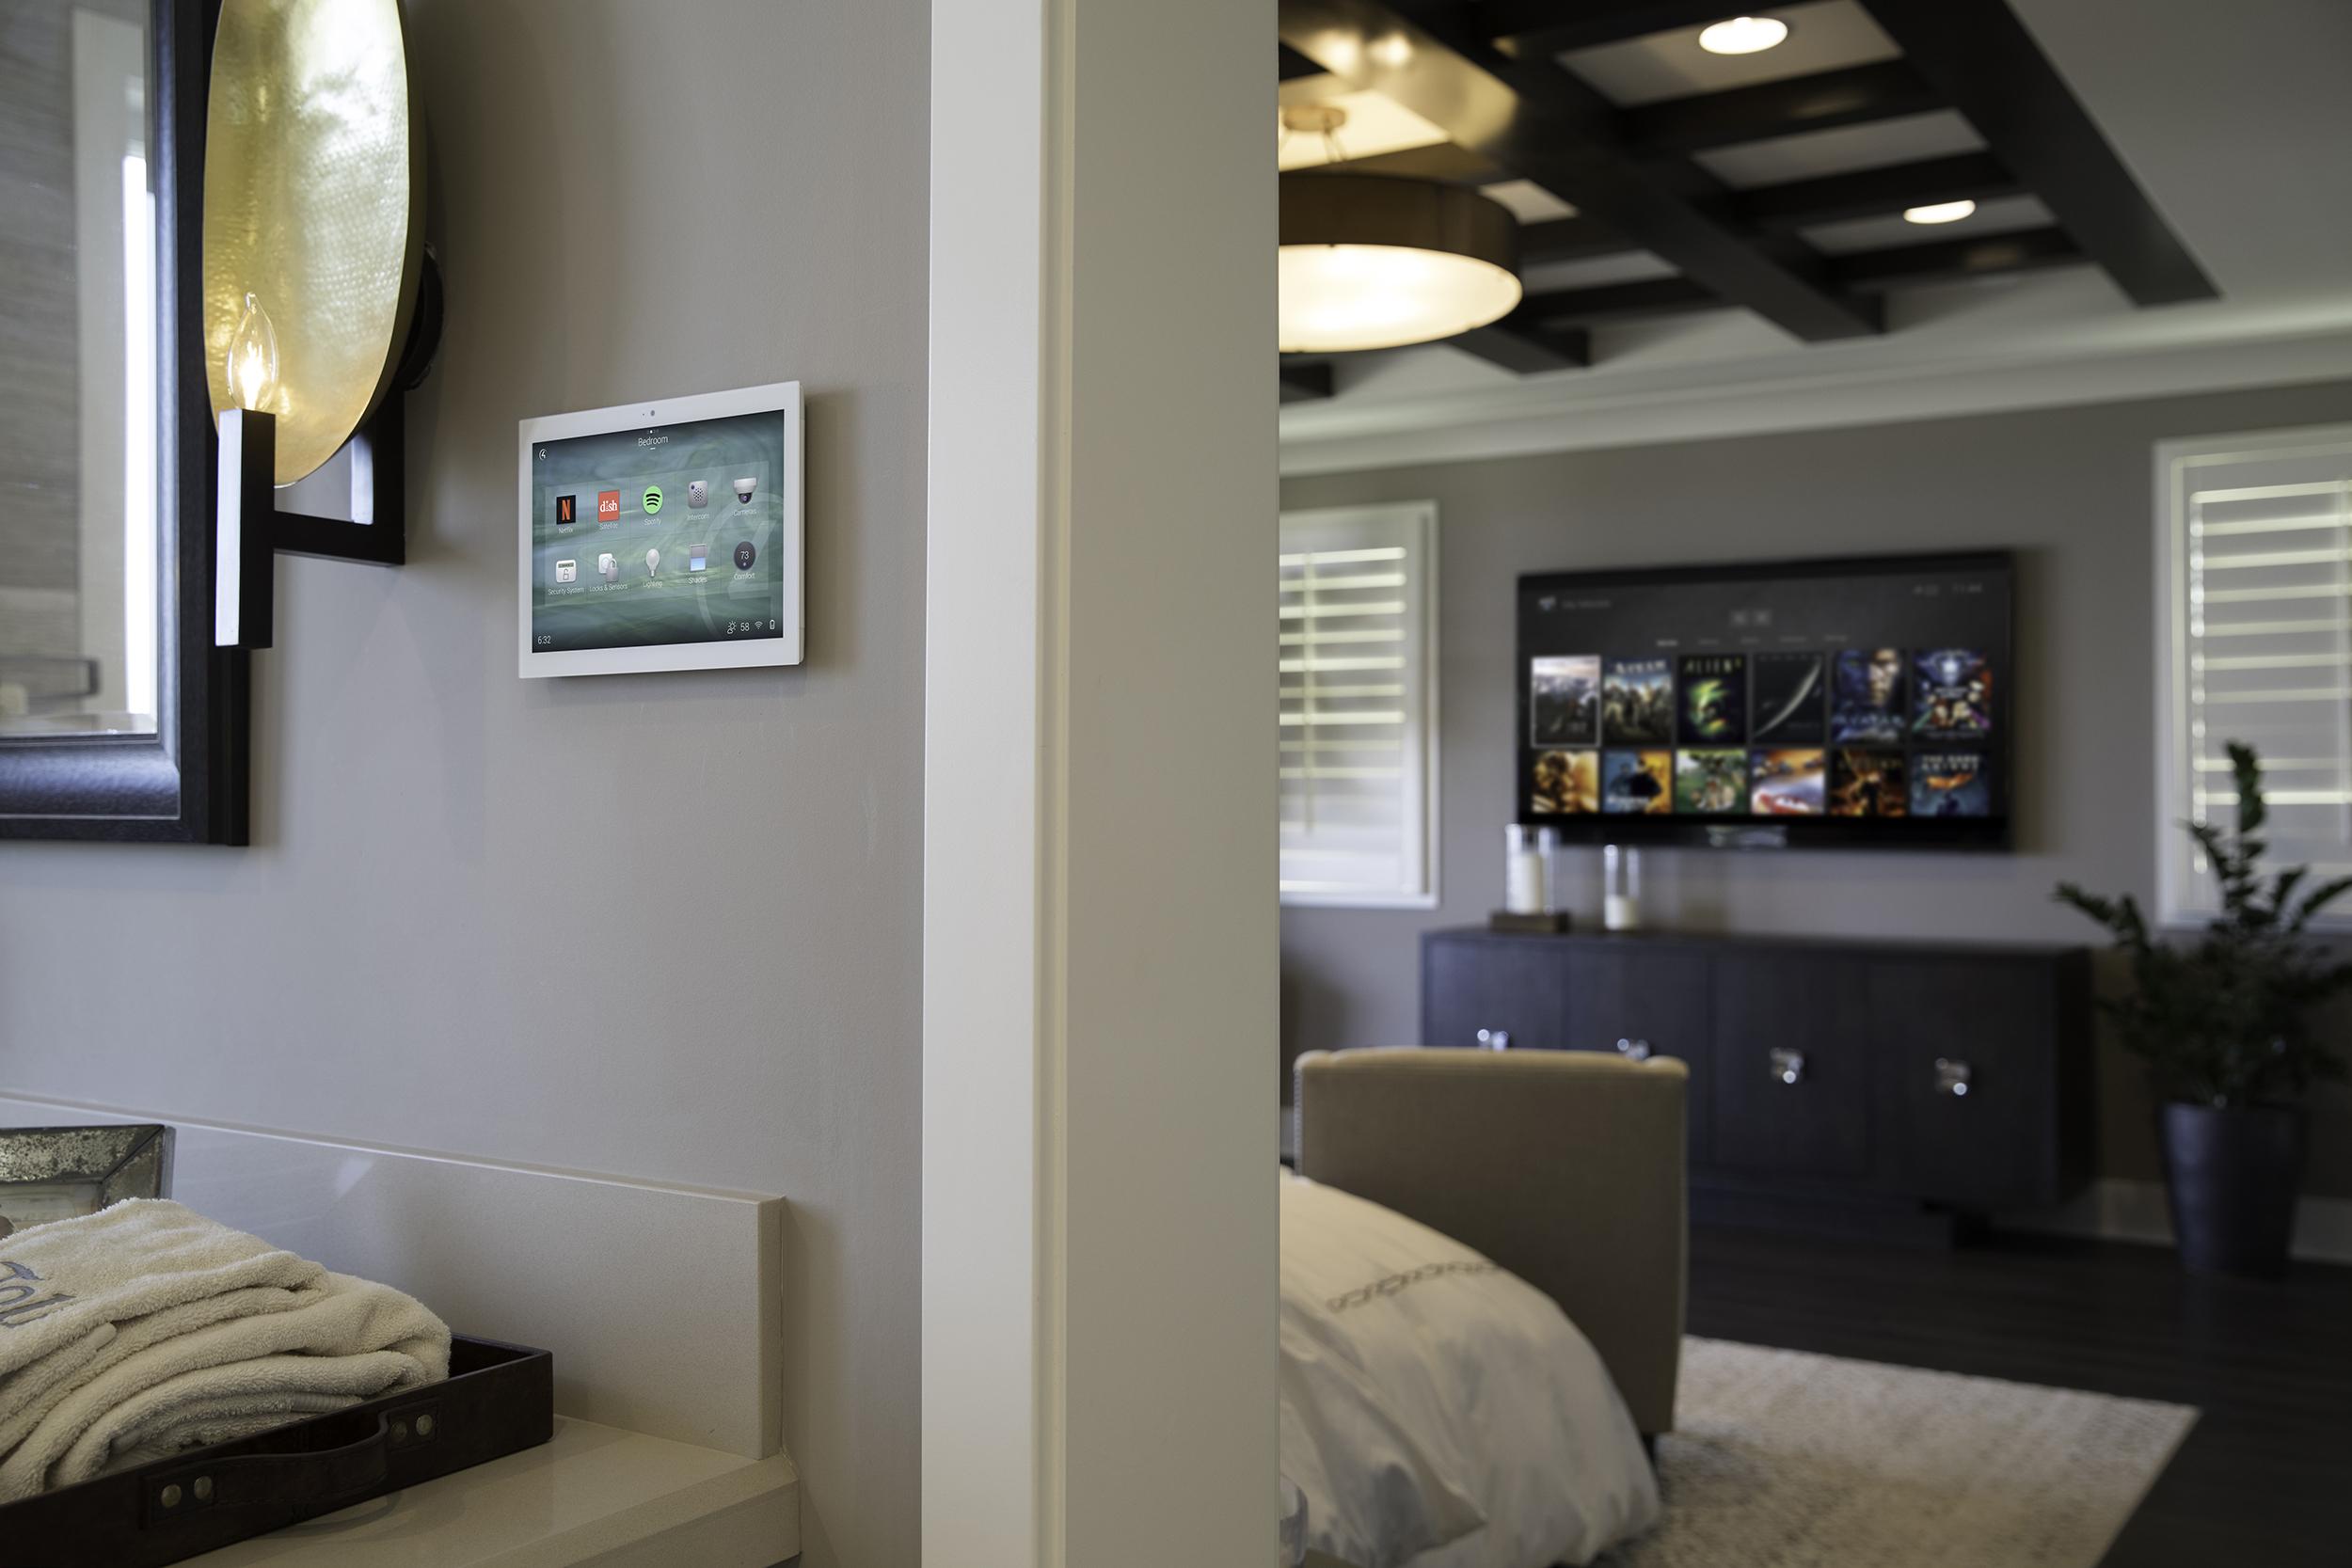 Control4 Vám do Vašej domácnosti prináša komfort